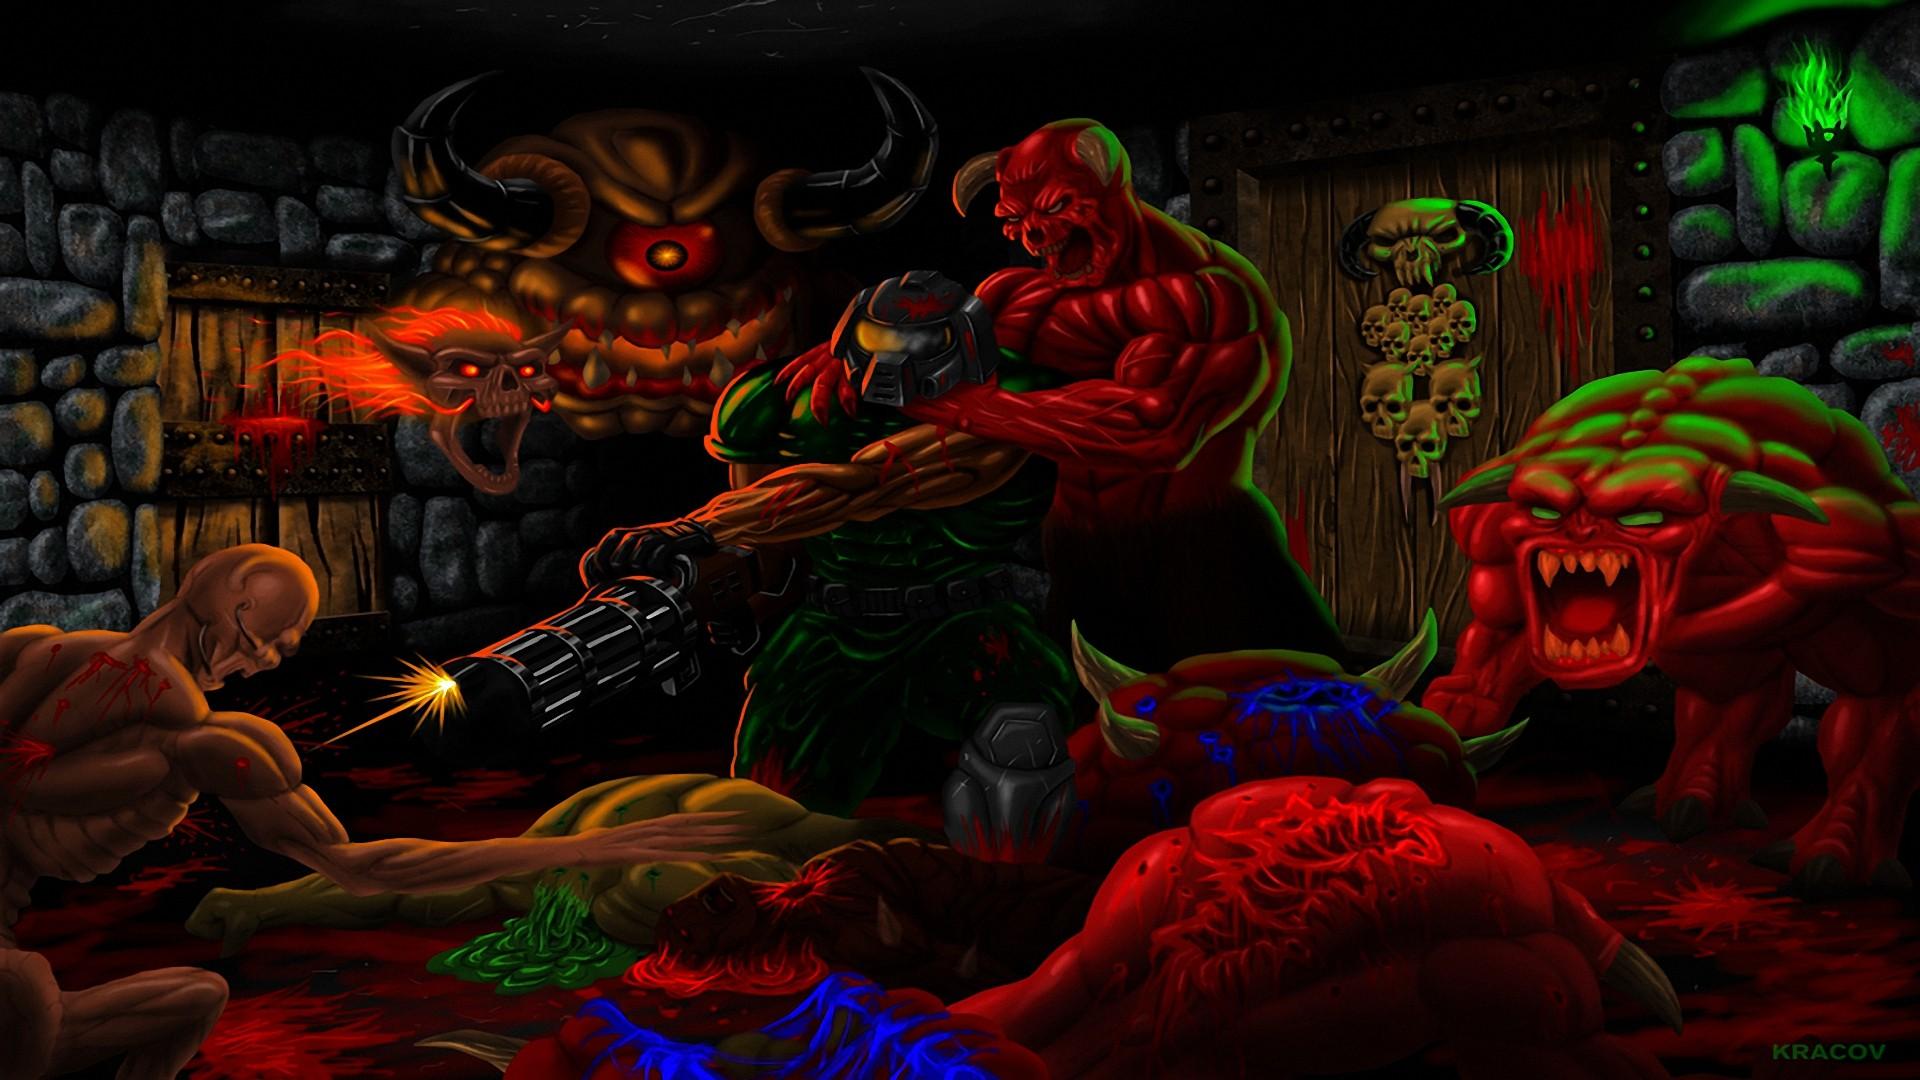 Doom wallpaper 1920x1080 ·① Download free full HD ...